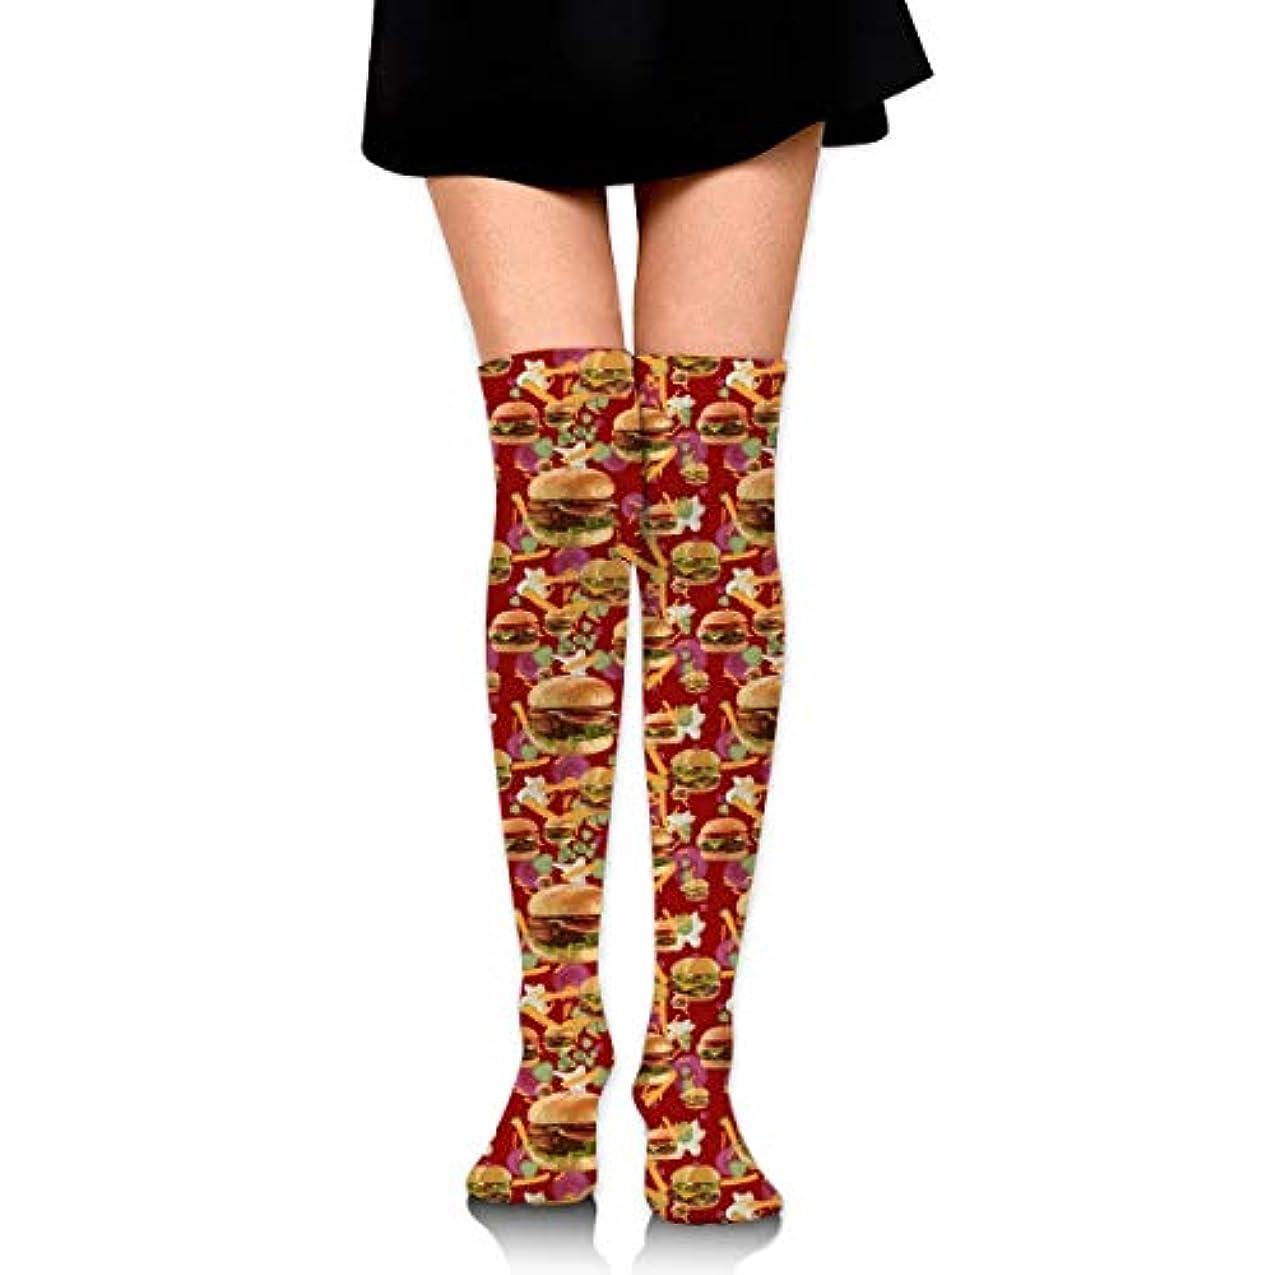 ストローク依存隣接MKLOS 通気性 圧縮ソックス Breathable Extra Long Cotton Mid Thigh High Red Hamburgers French Fries Exotic Psychedelic Print...